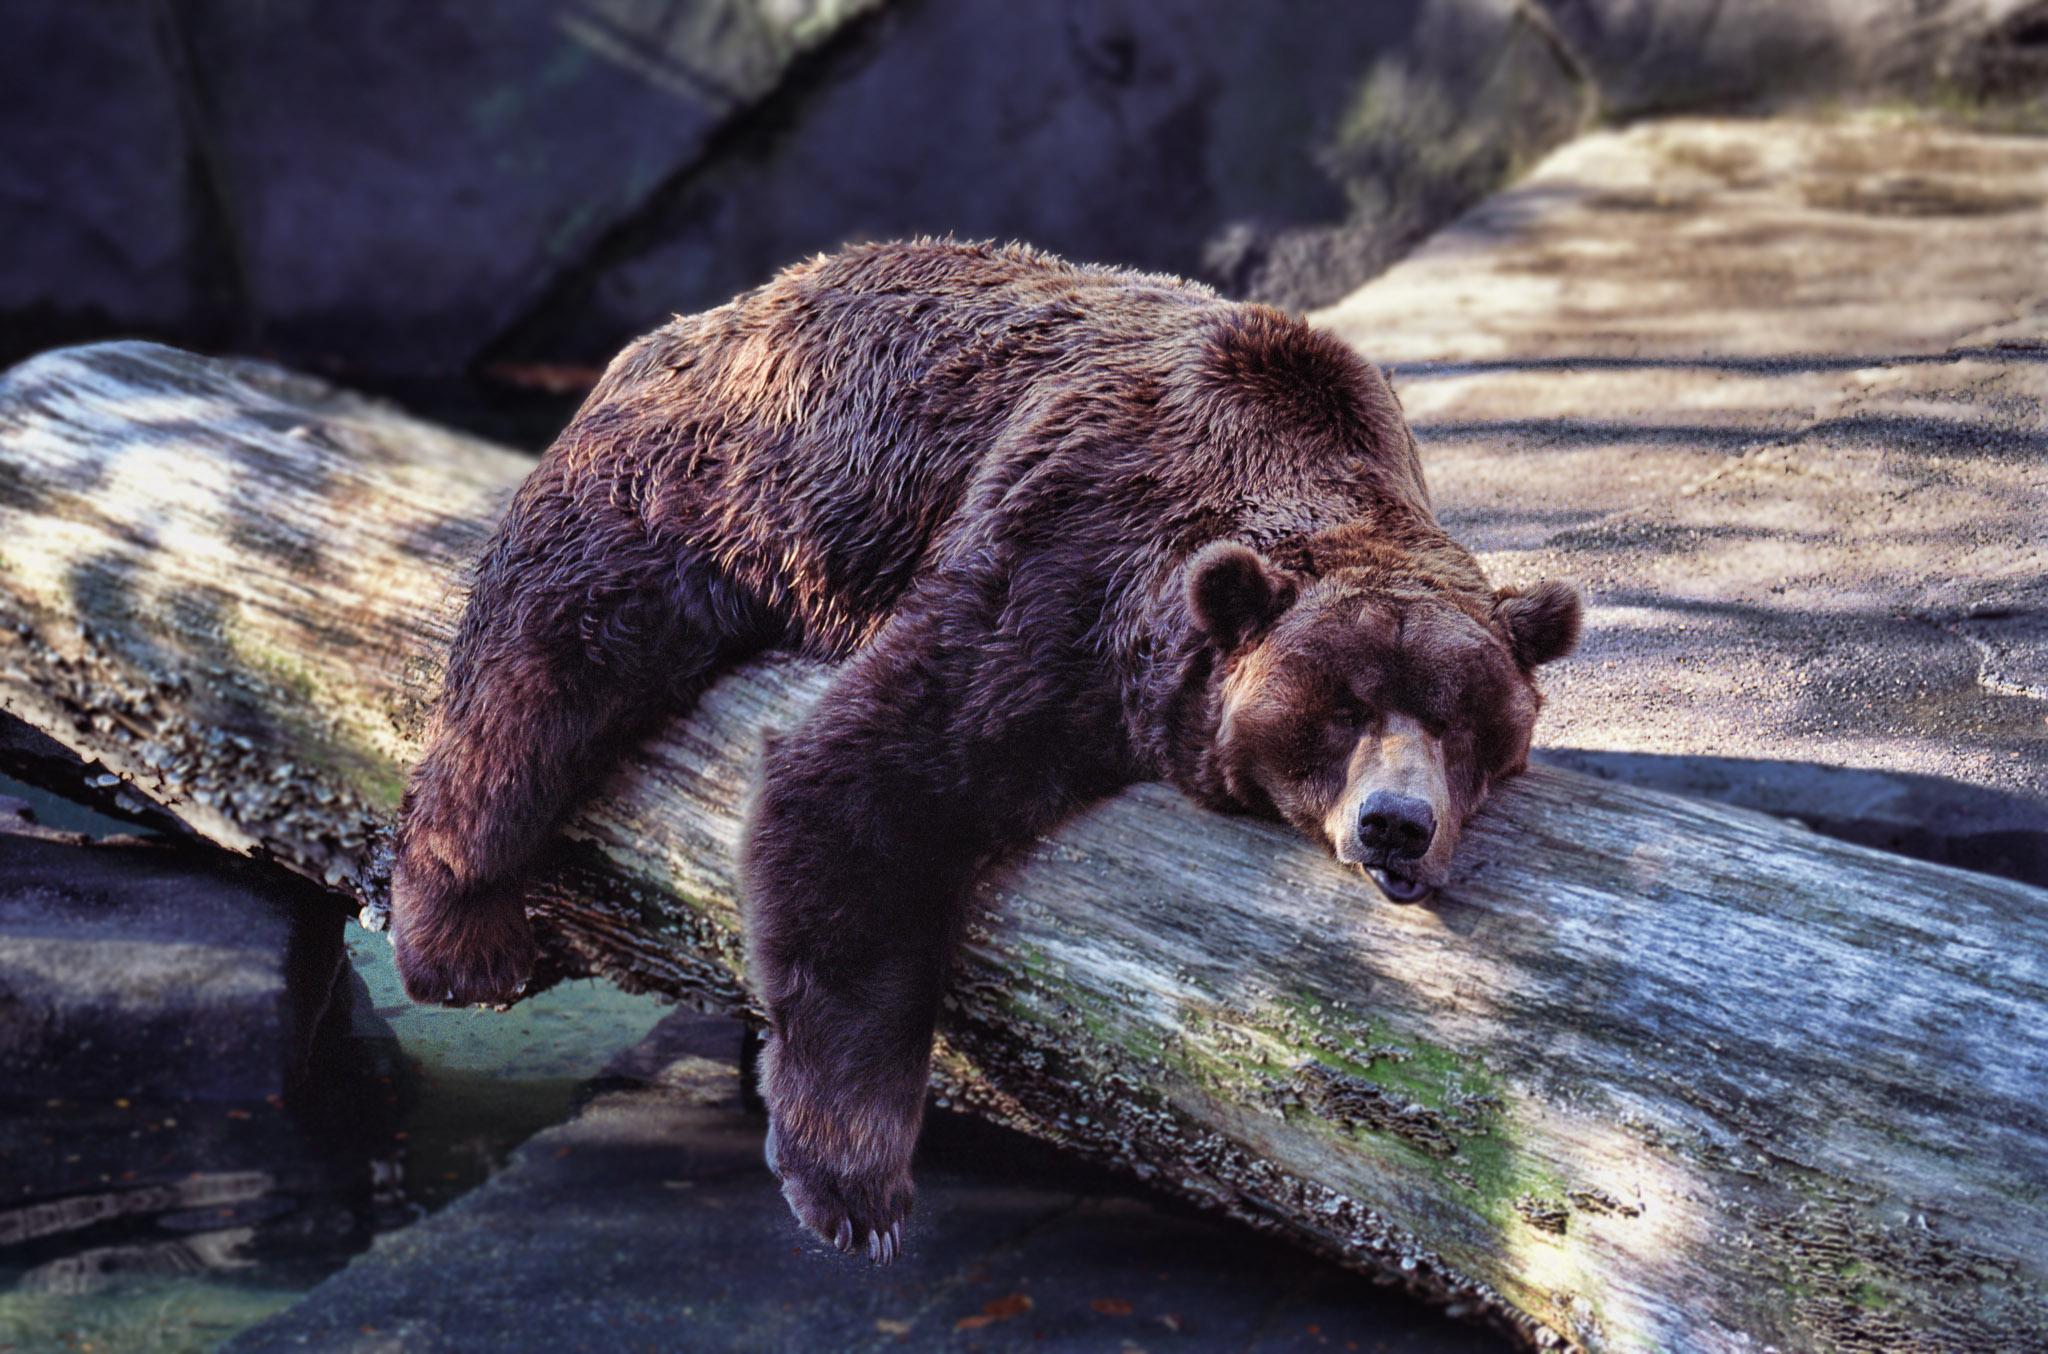 Des chercheurs américains, qui travaillent sur les gènes de l'hibernation, estiment que certains animaux détiennent le secret pour lutter contre l'obésité. Les ours et des écureuils possèderaient 360 éléments génétiques potentiels qui pourraient jouer un rôle dans la régulation de l'hibernation et de l'obésité.